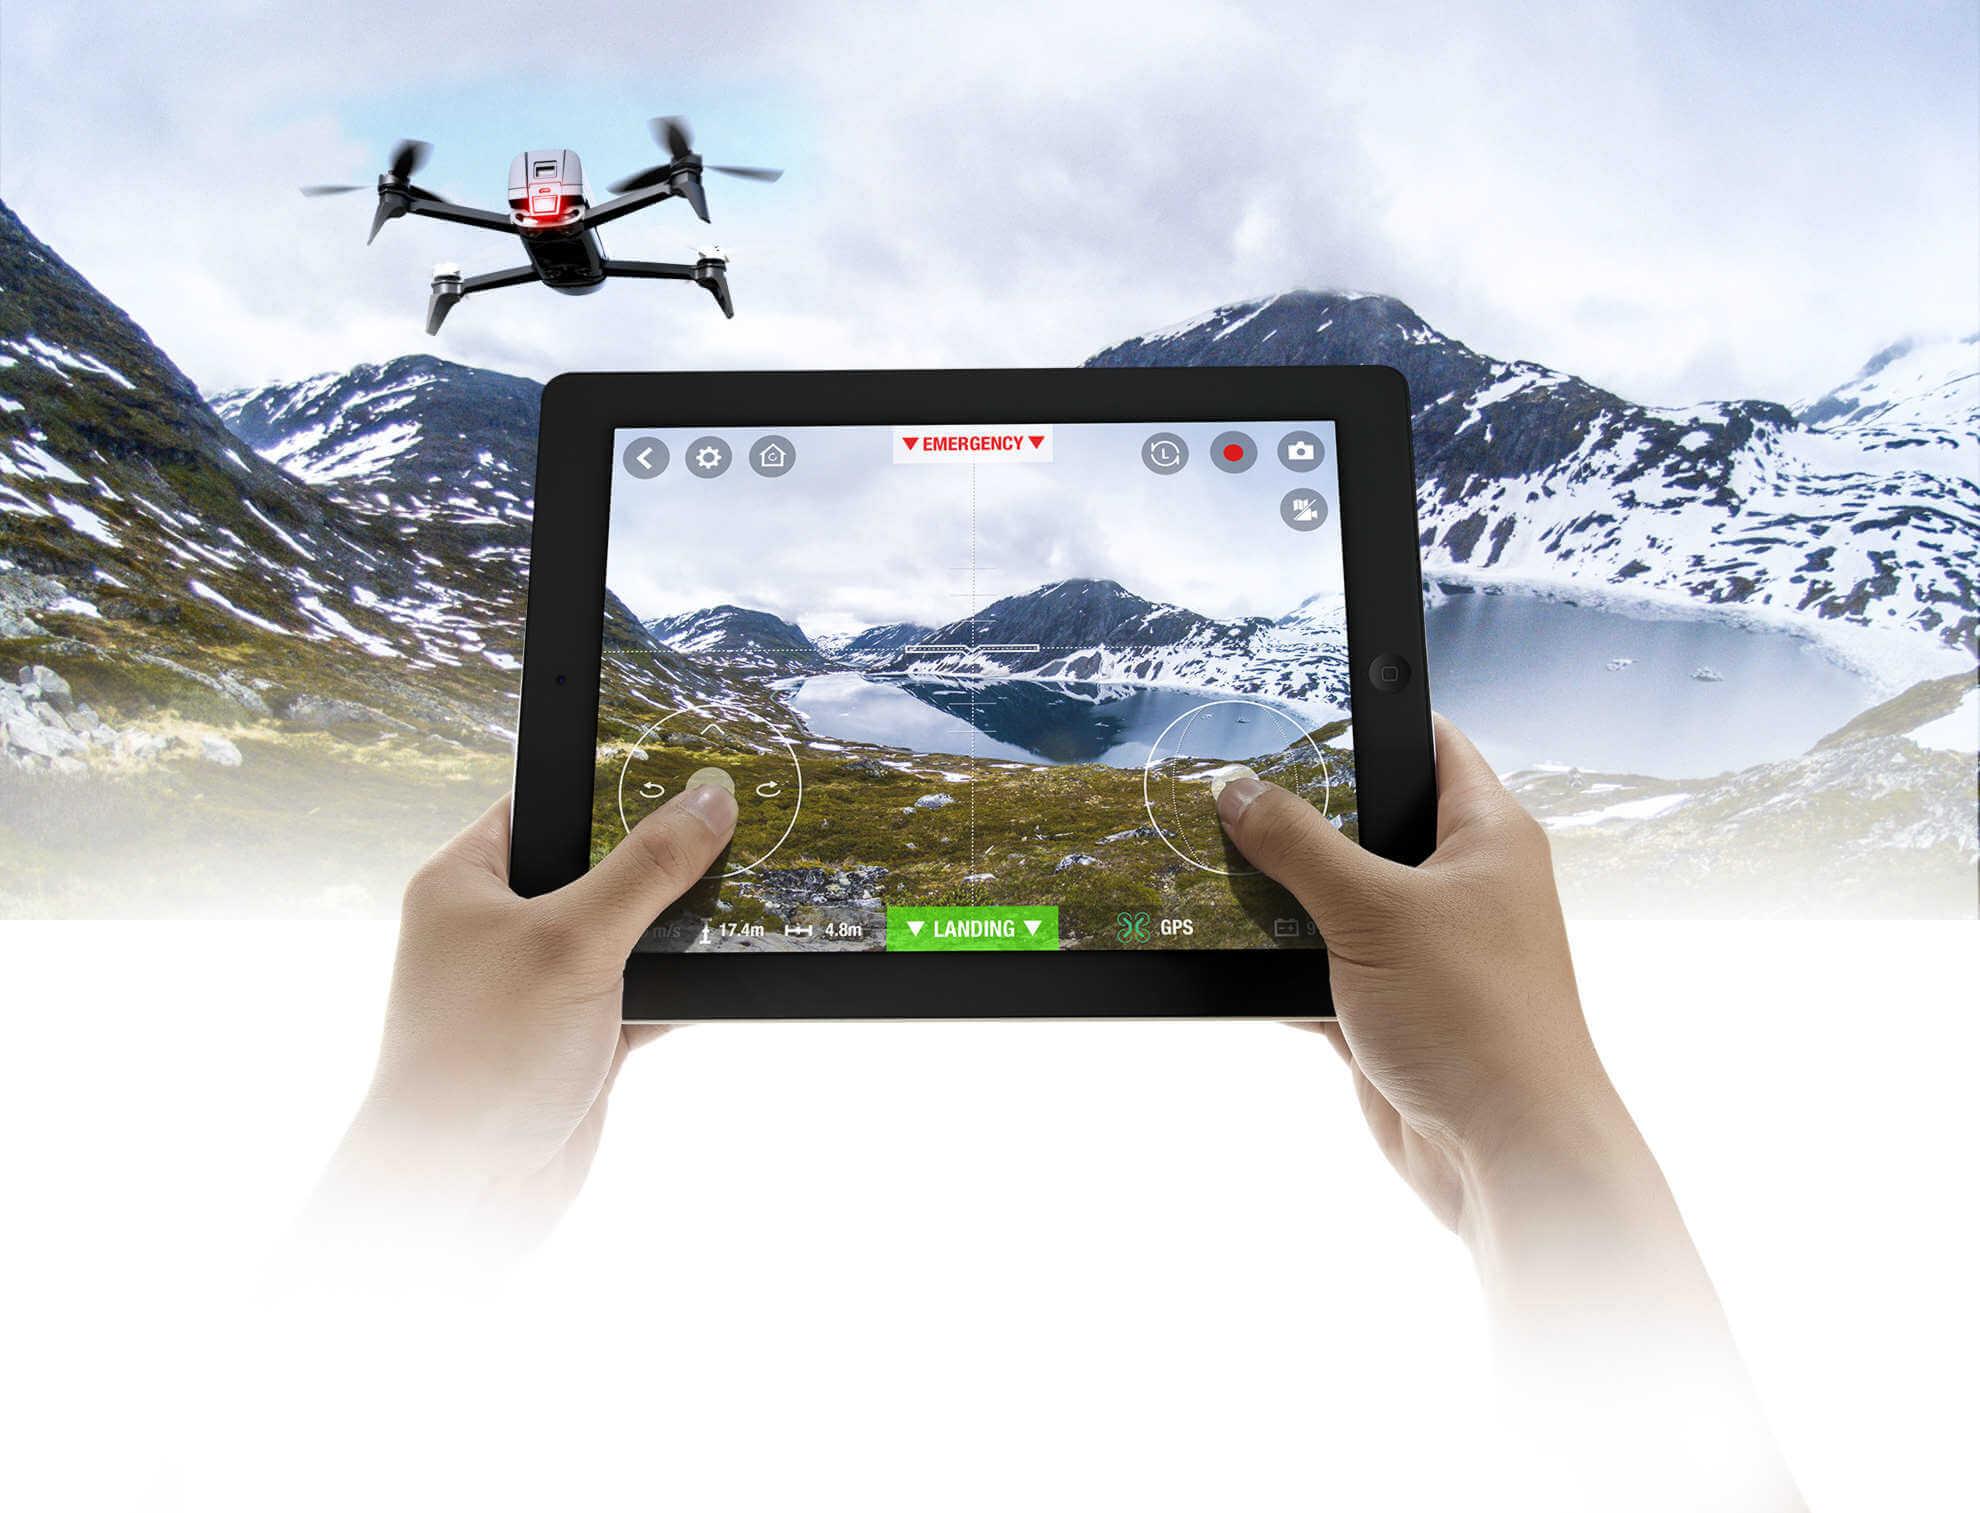 Pilota el drone Bebop 2 de Parrot por los aires